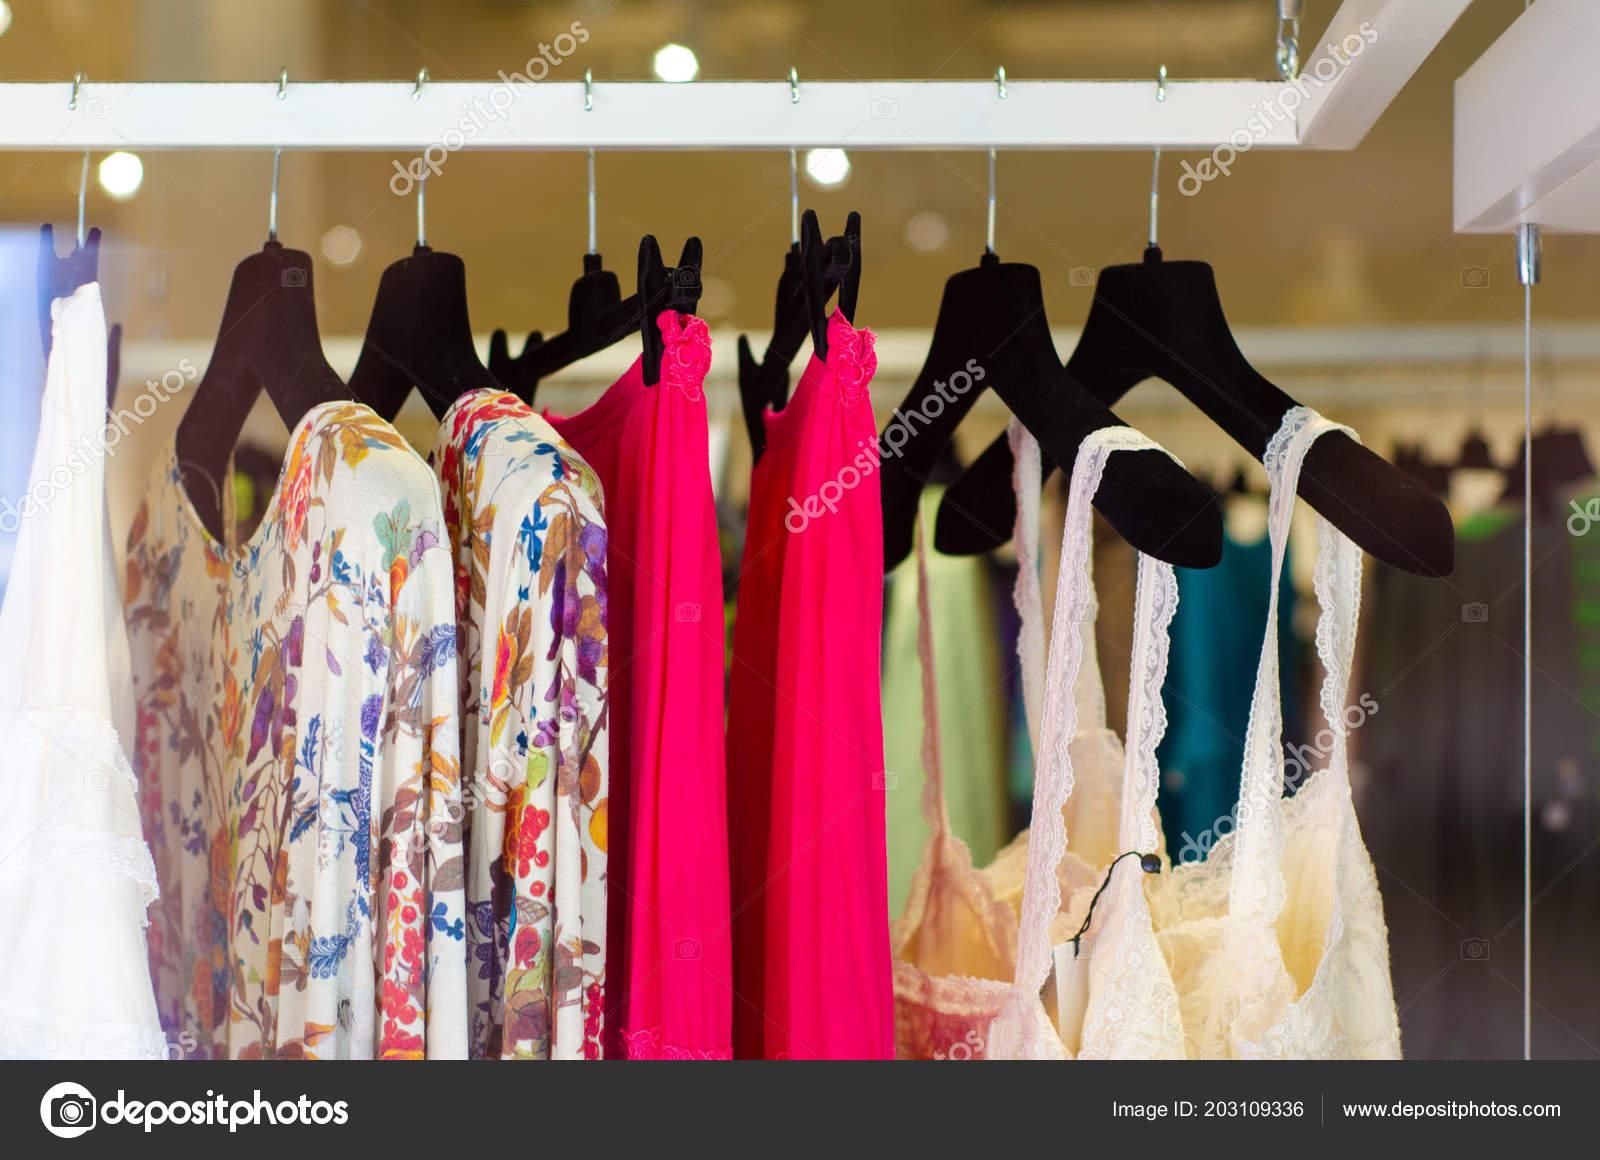 d8596e2a8344 Ράφι με κρεμάστρες γυναίκα Γυναικεία ρούχα κατάστημα μόδας — Εικόνα από ...